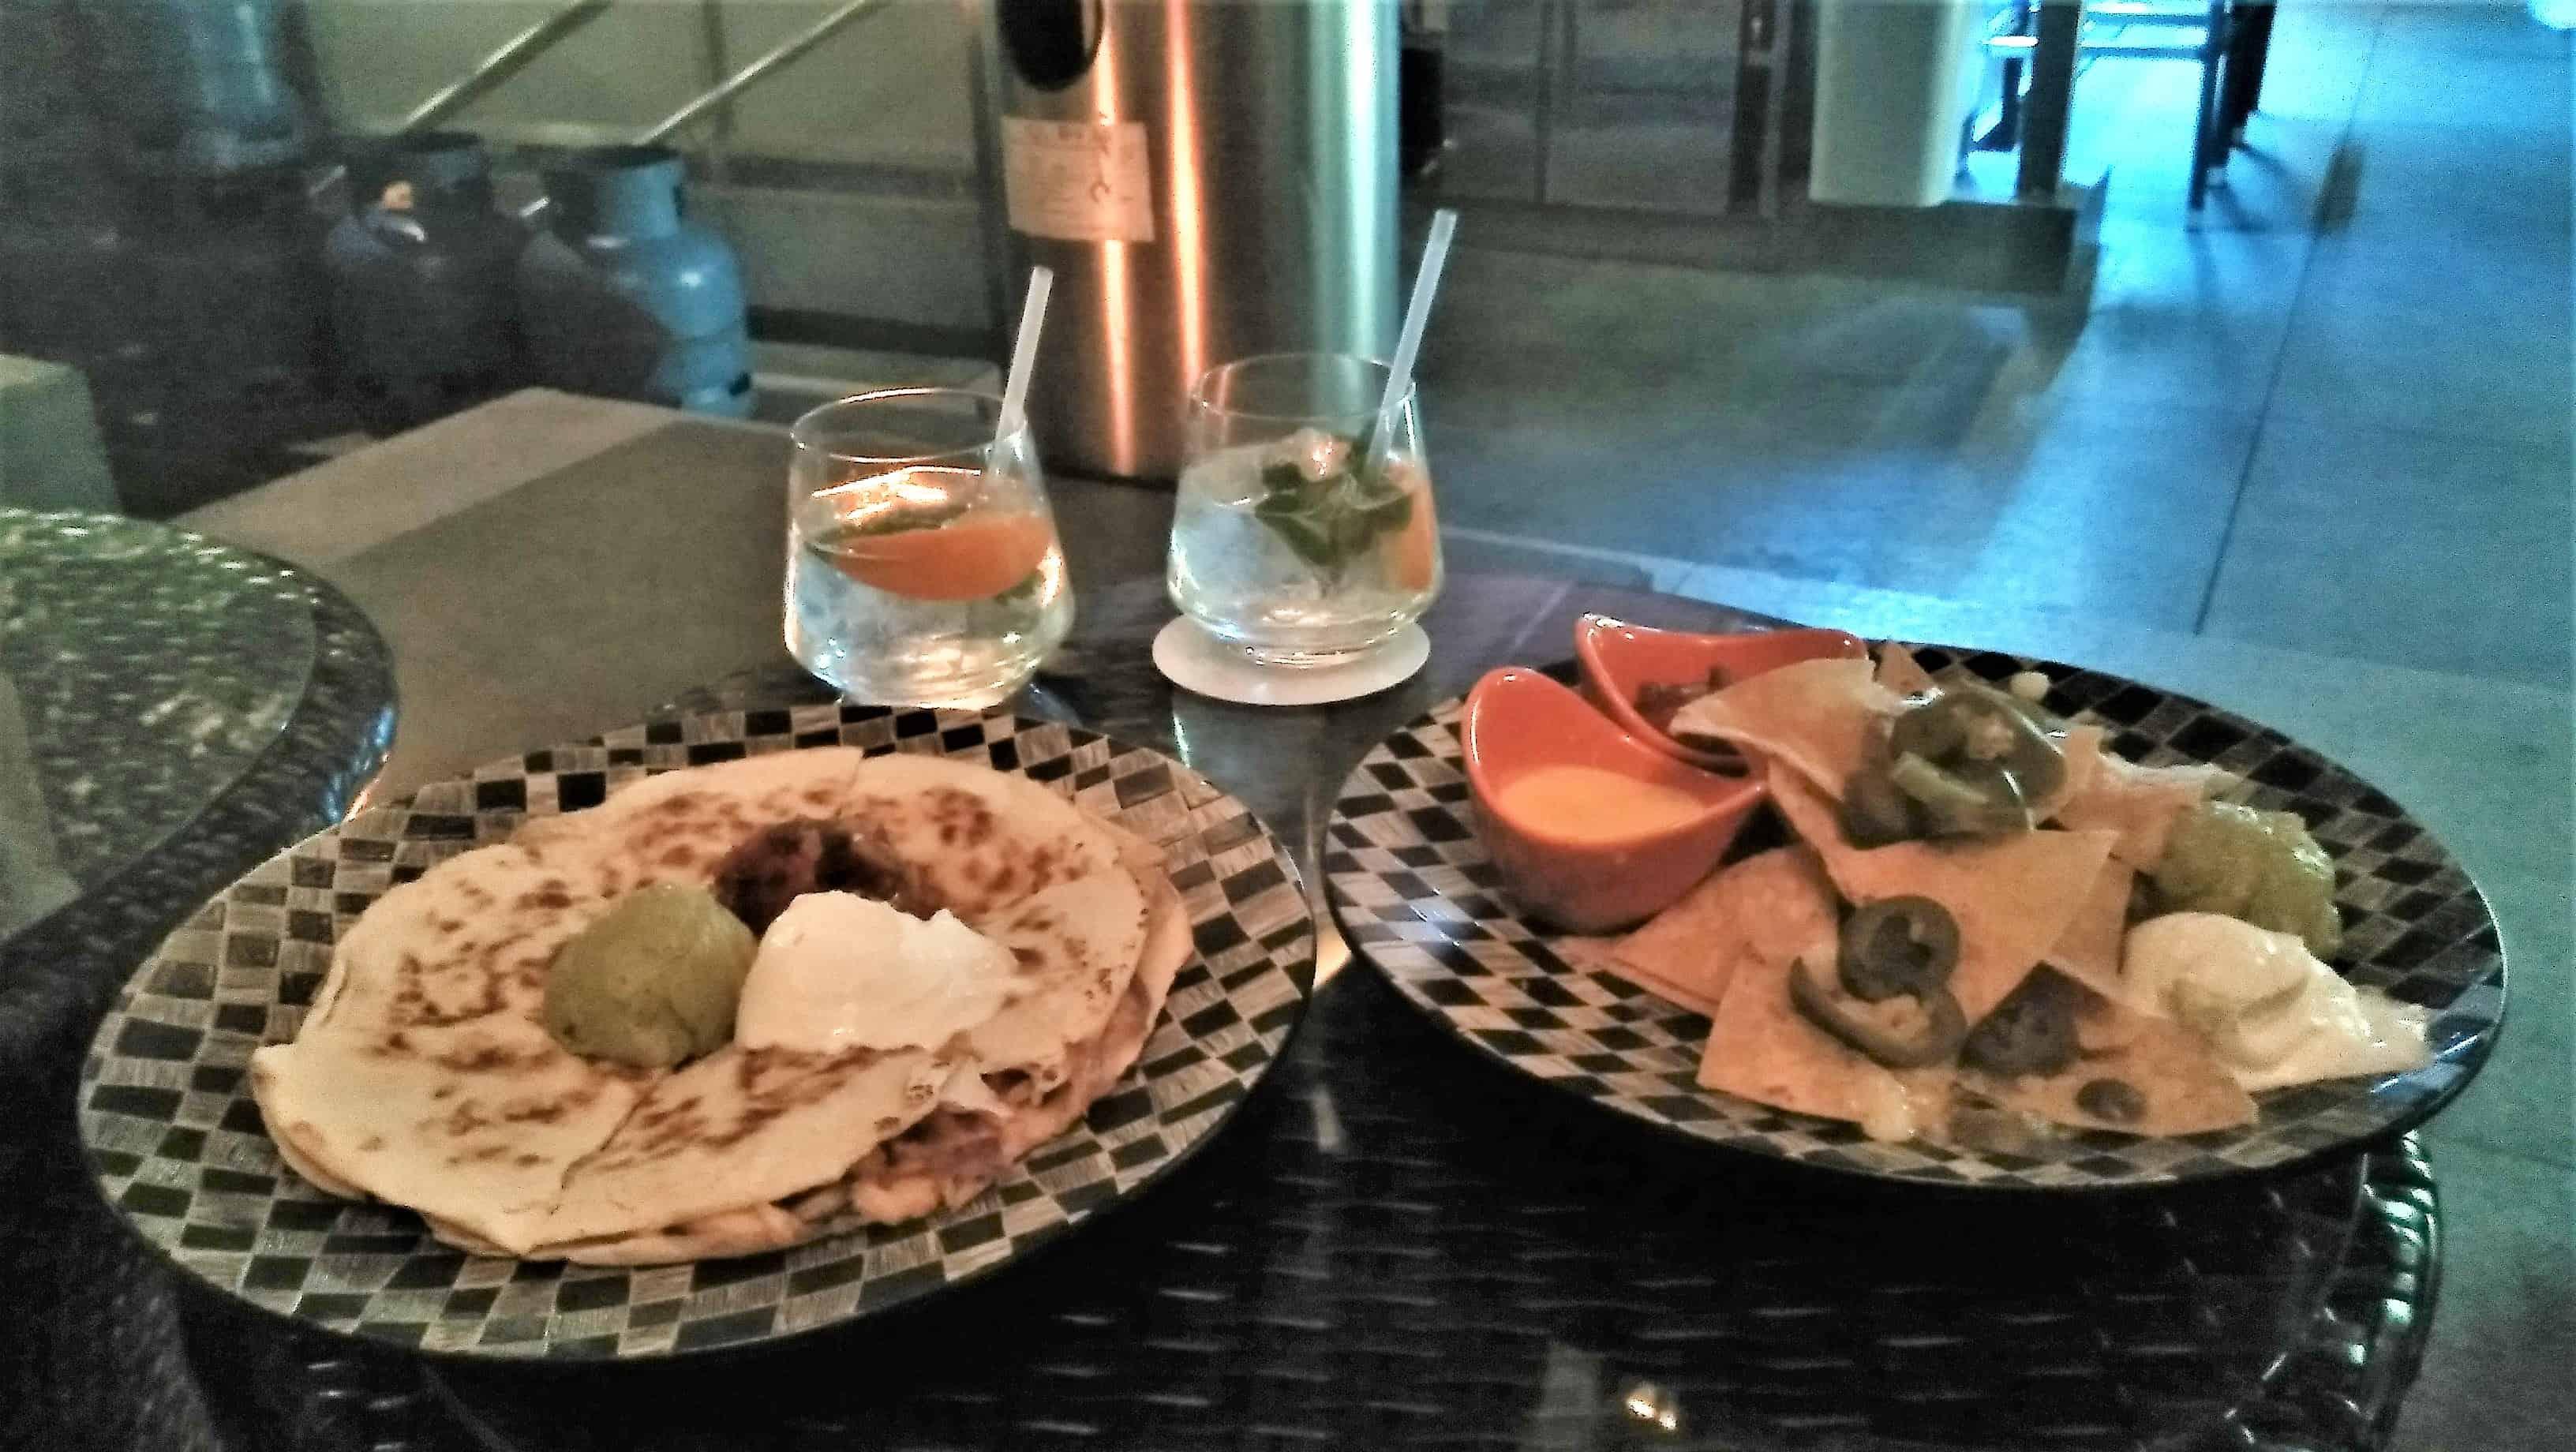 image-of-queisadillas-and nachos-at-hong-kong-lounge